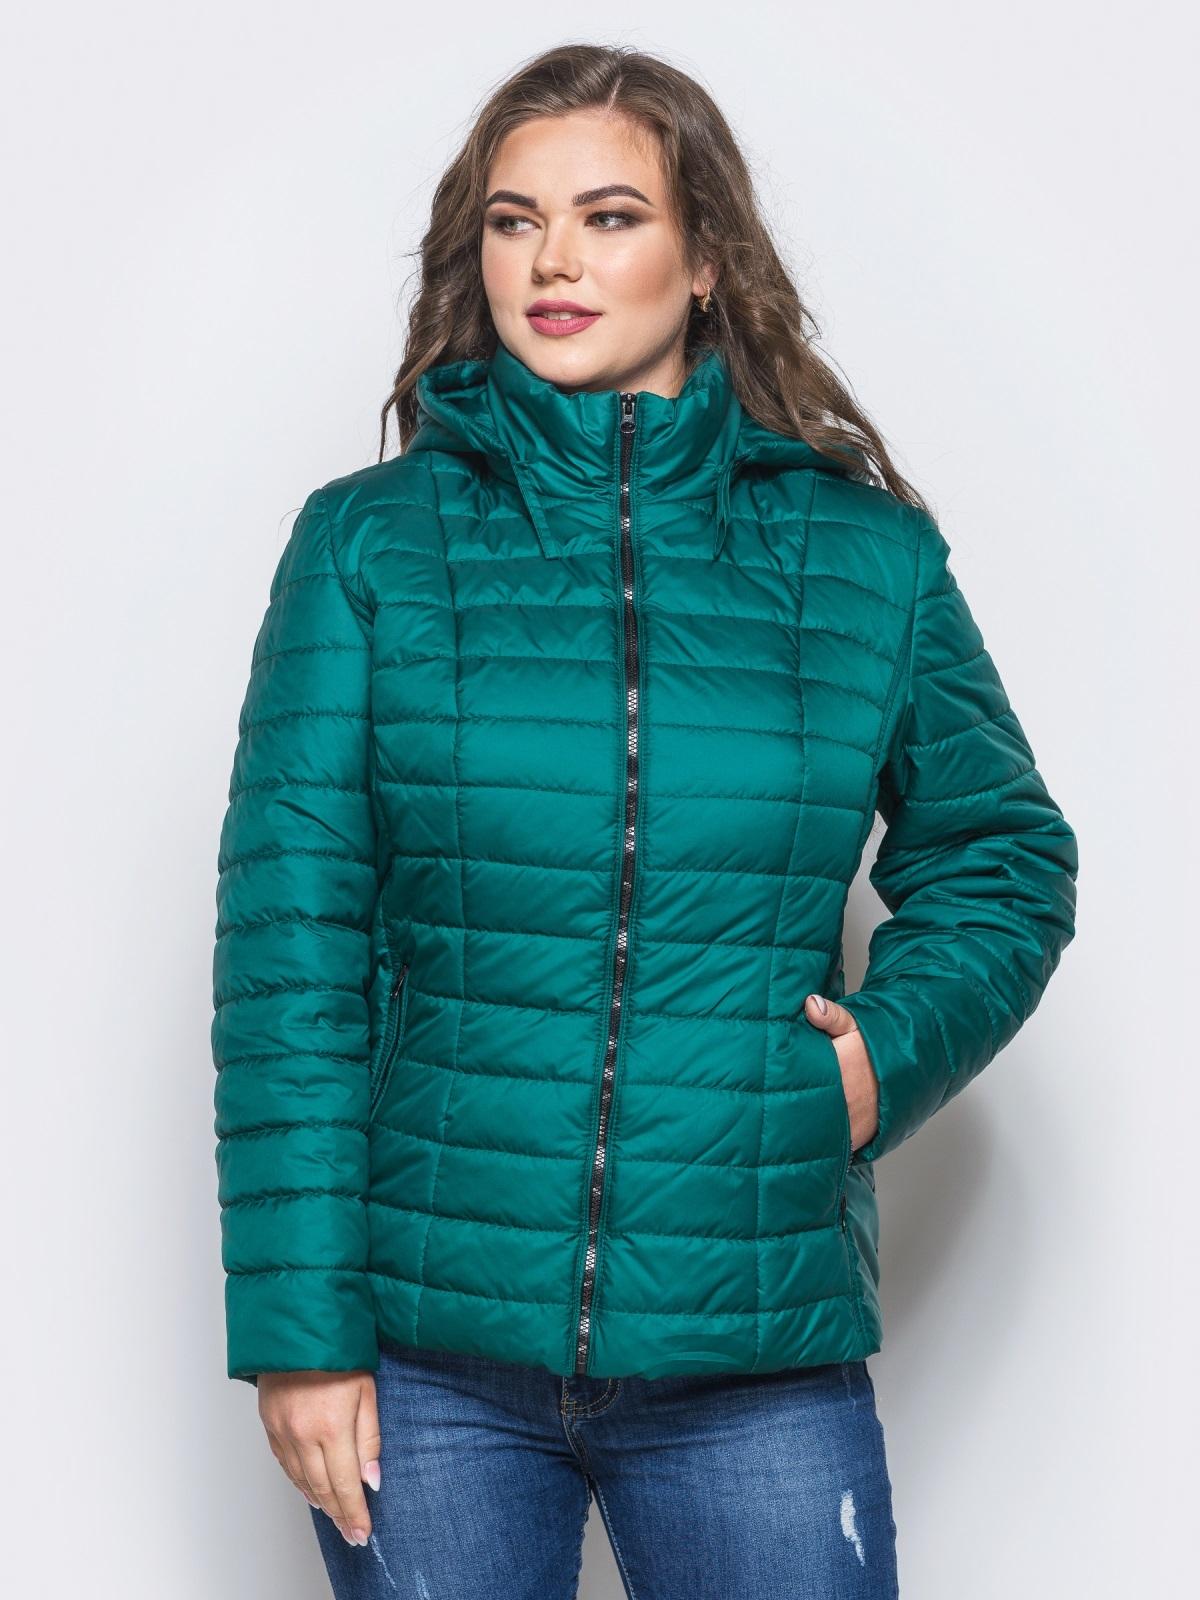 Изумрудная демисезонная куртка батал с съемным капюшоном - 14714, фото 1 – интернет-магазин Dressa